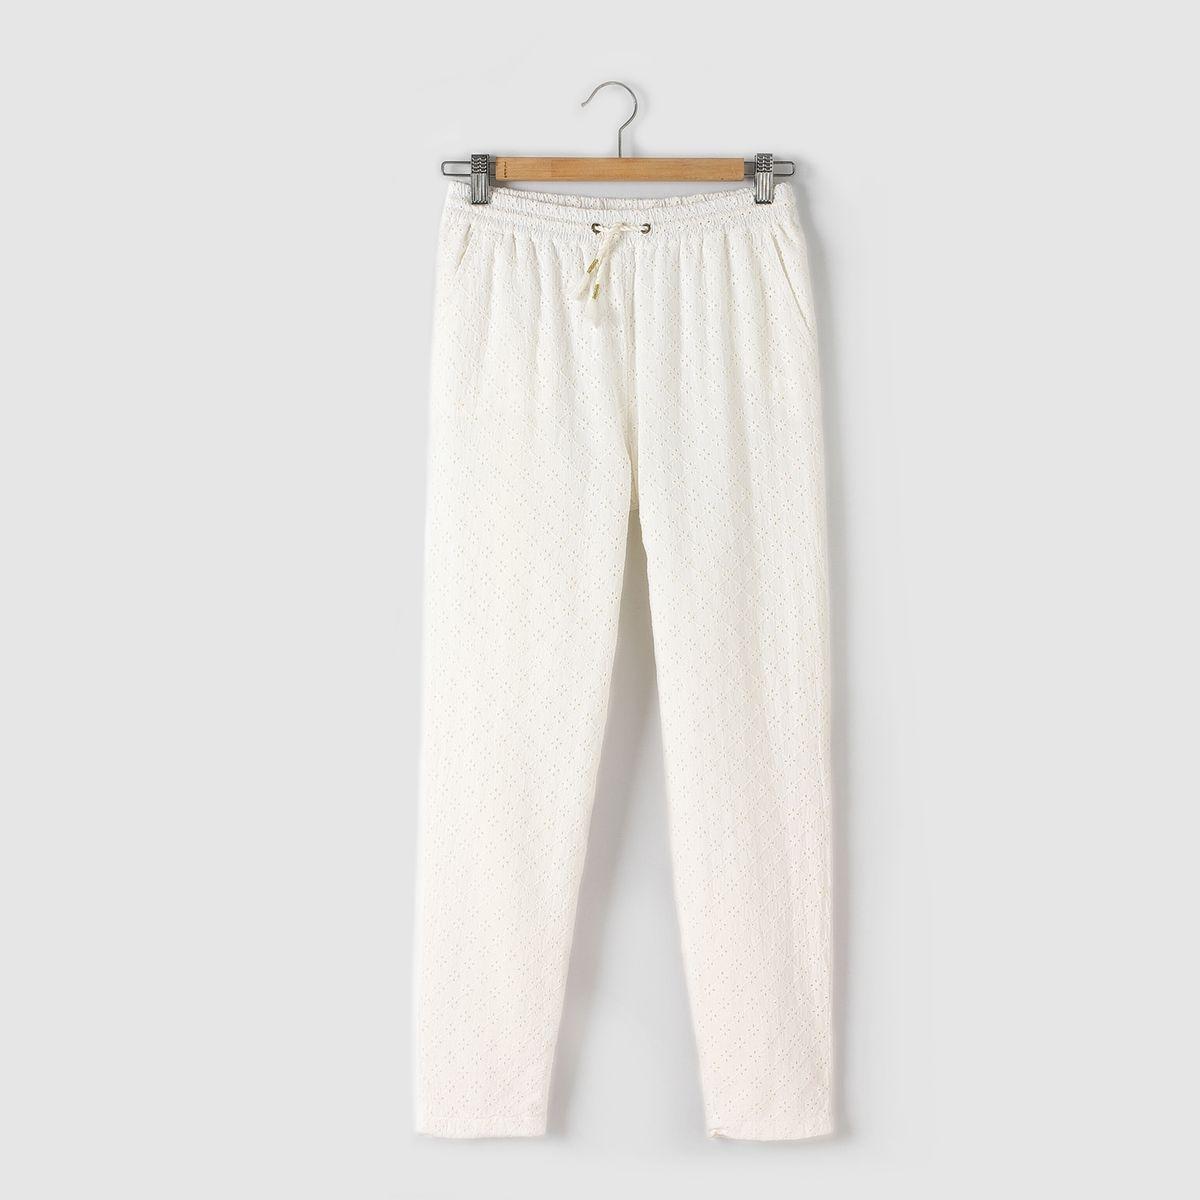 Pantalon broderie anglaise 10-16 ans